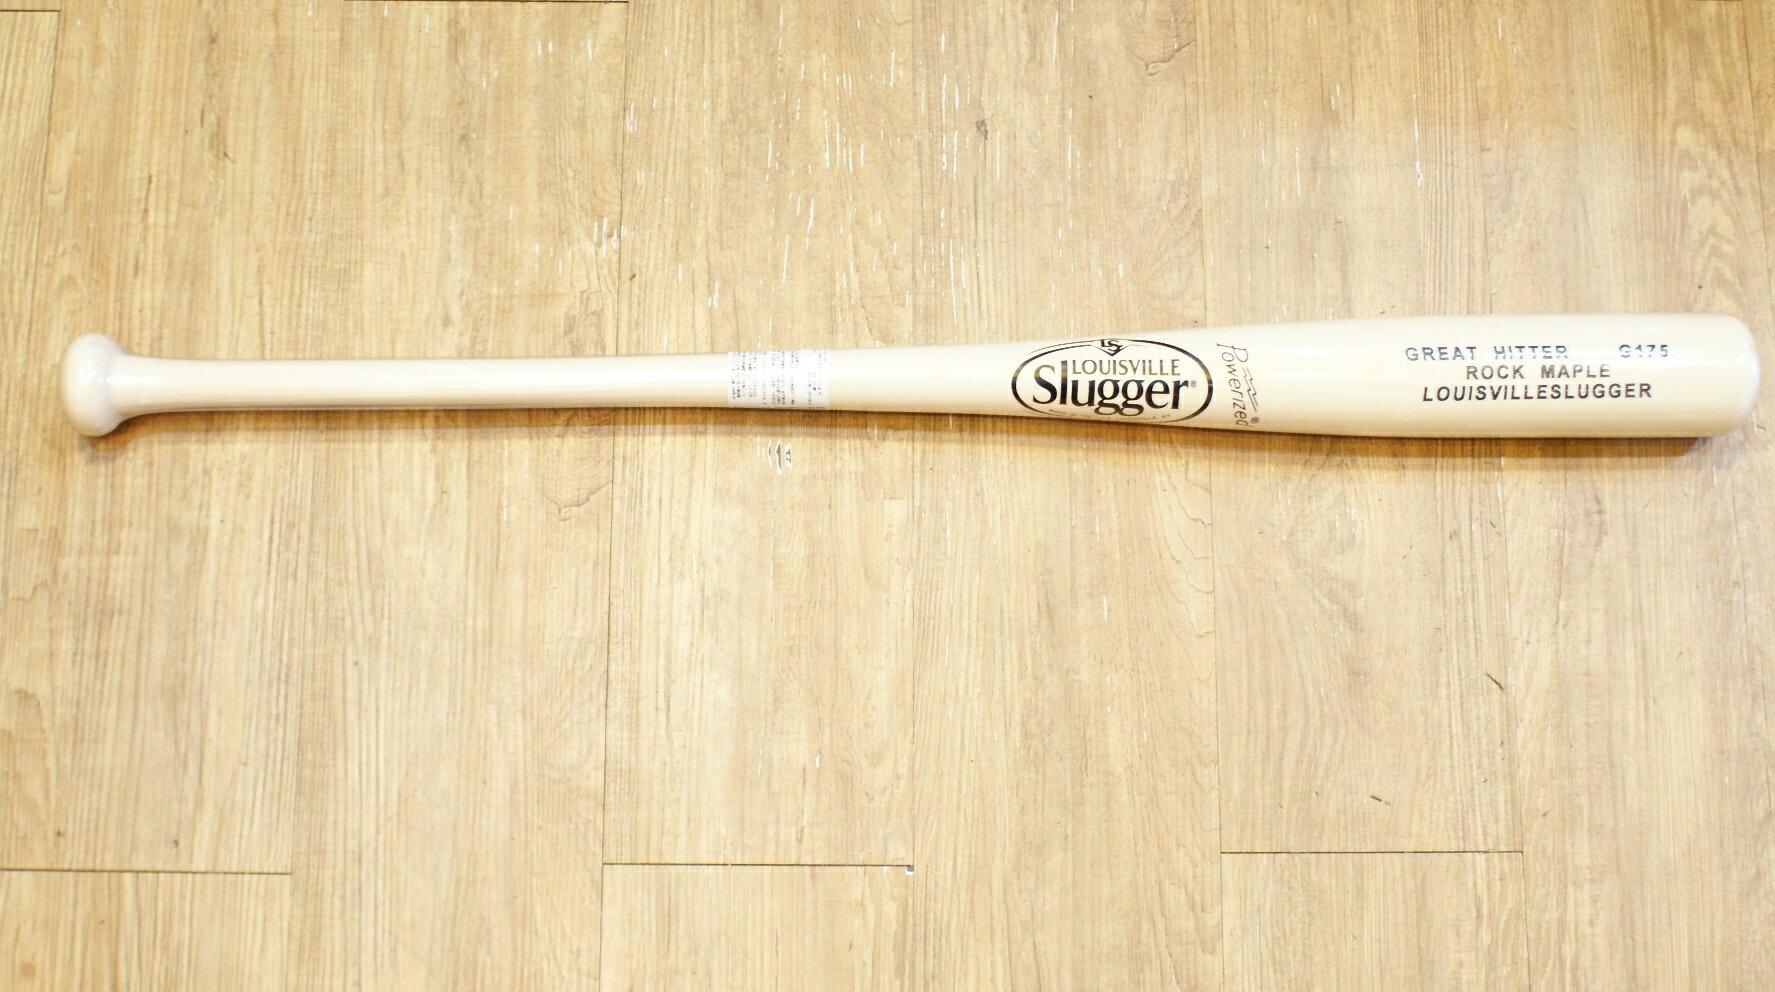 棒球世界全新路易士威爾 Louisville Slugger楓木棒球棒 特價 65折 漂白 型號G175